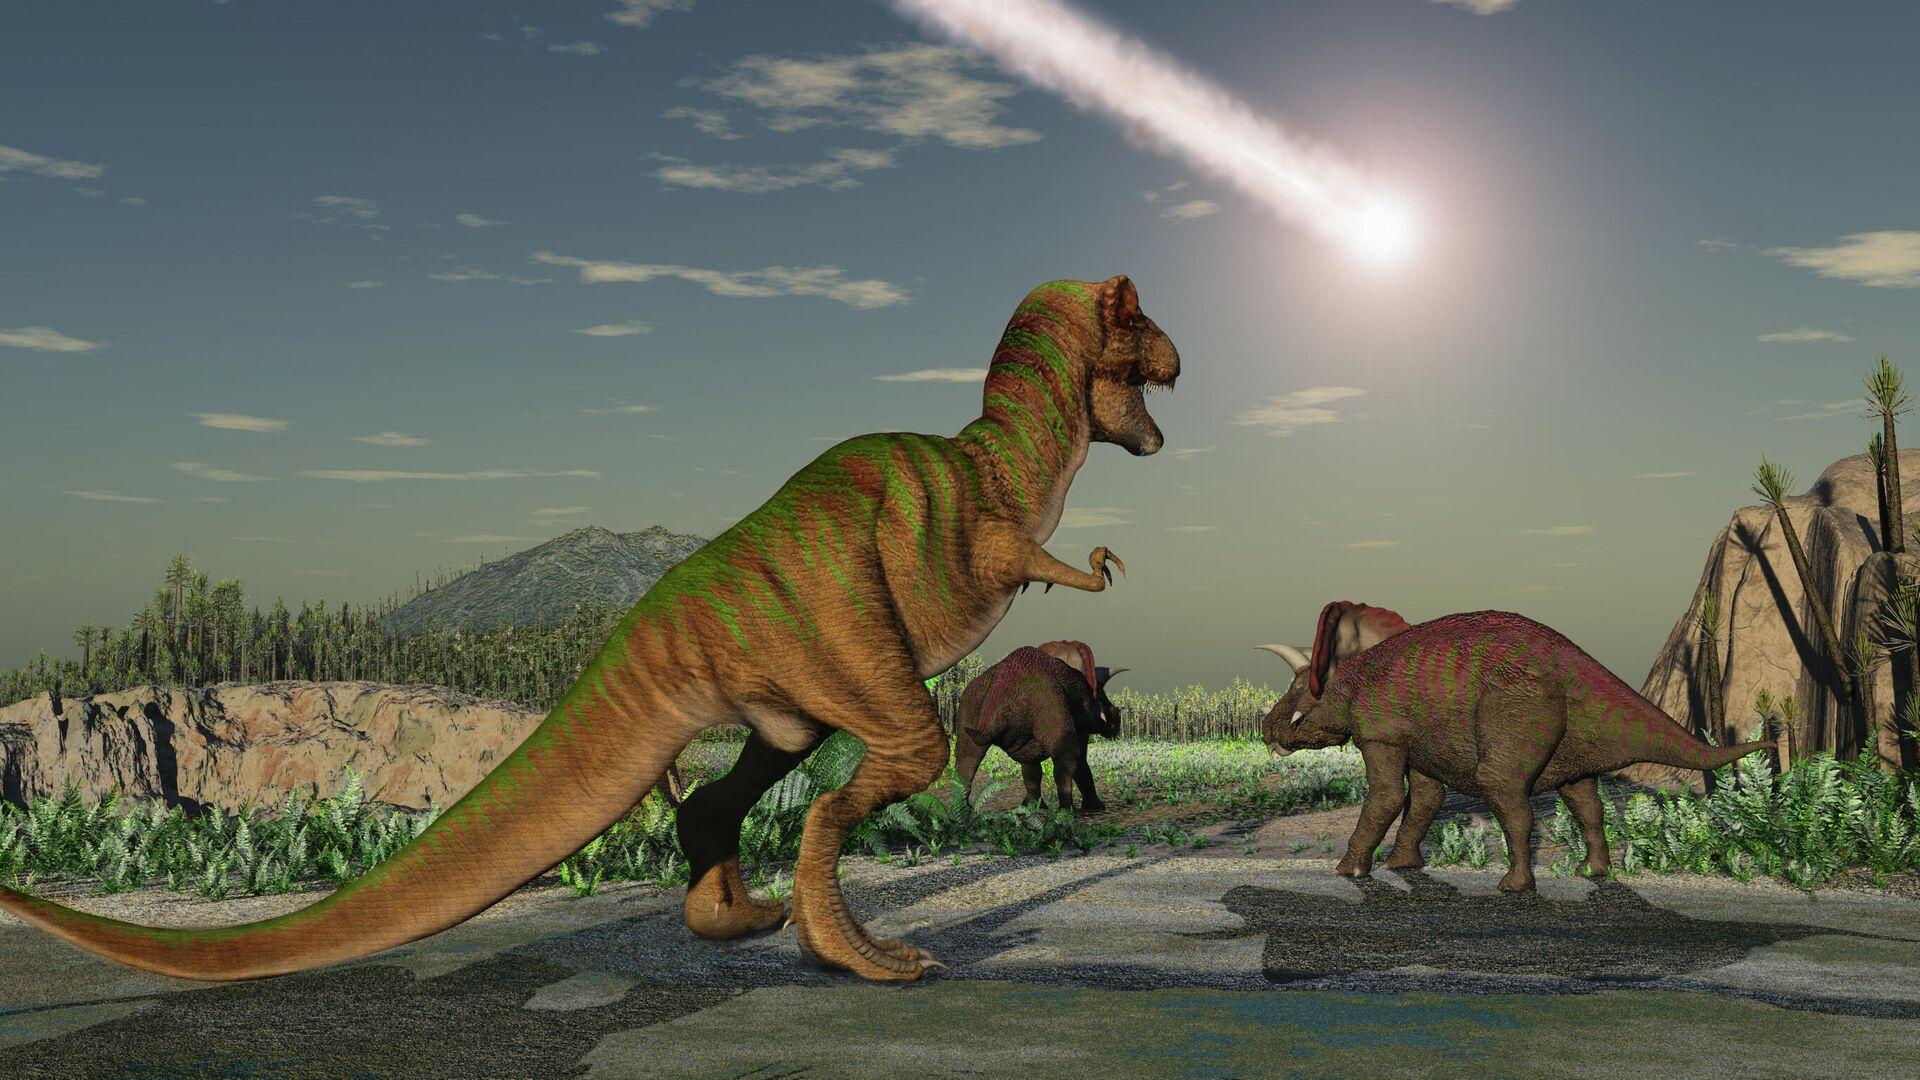 Астероид, который уничтожил динозавров. Взгляд художника - РИА Новости, 1920, 30.06.2020